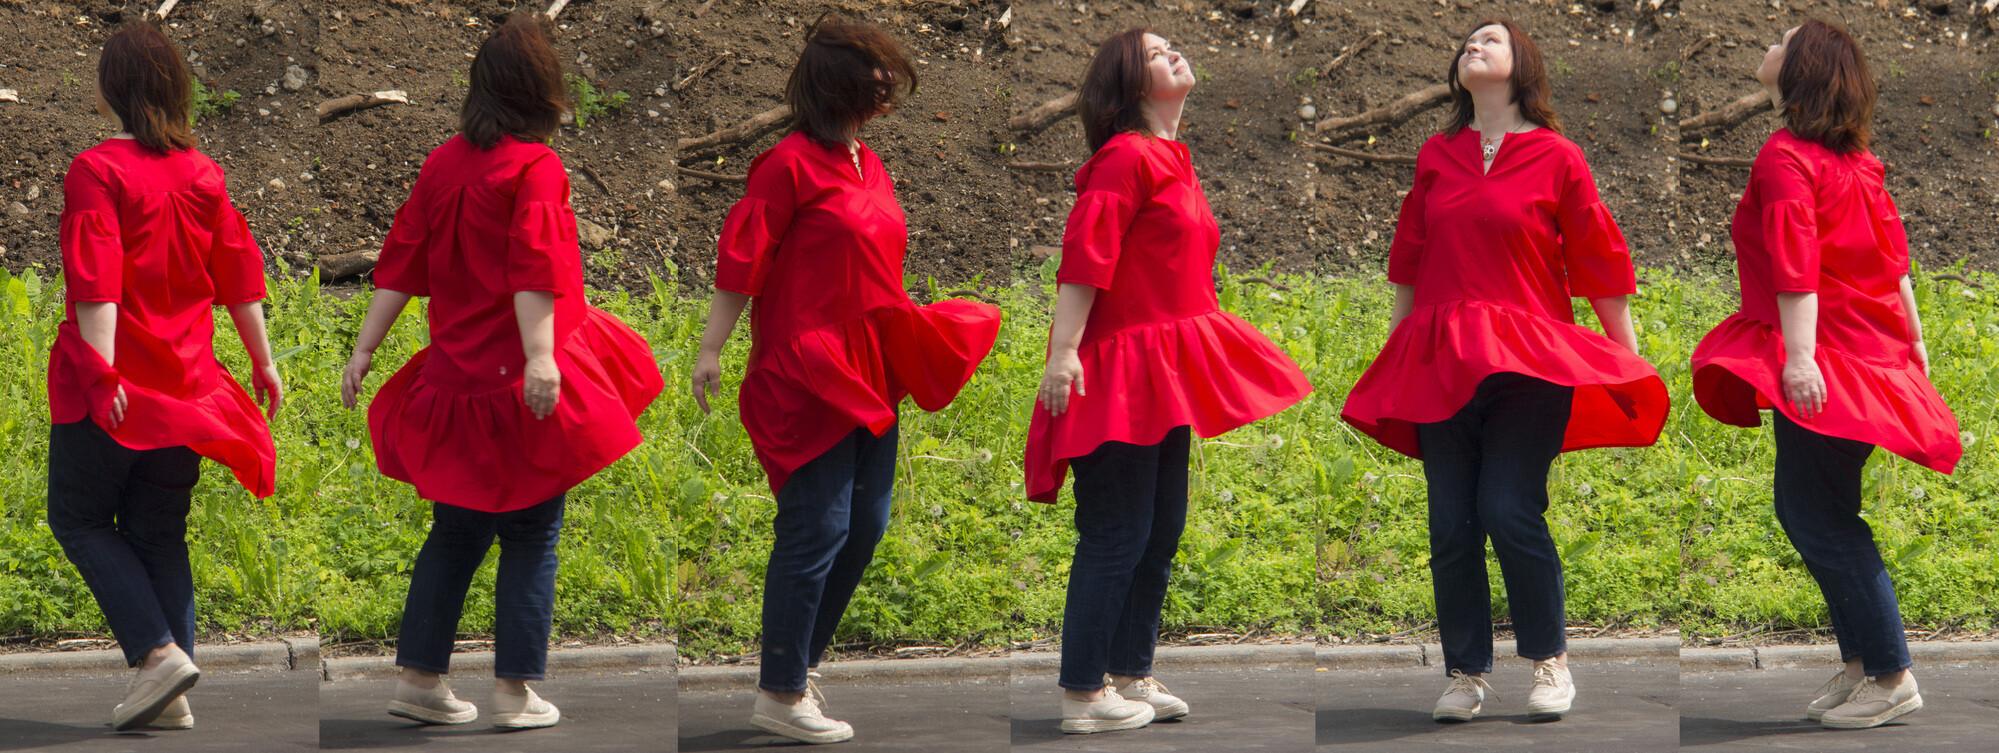 Красная, значит красивая